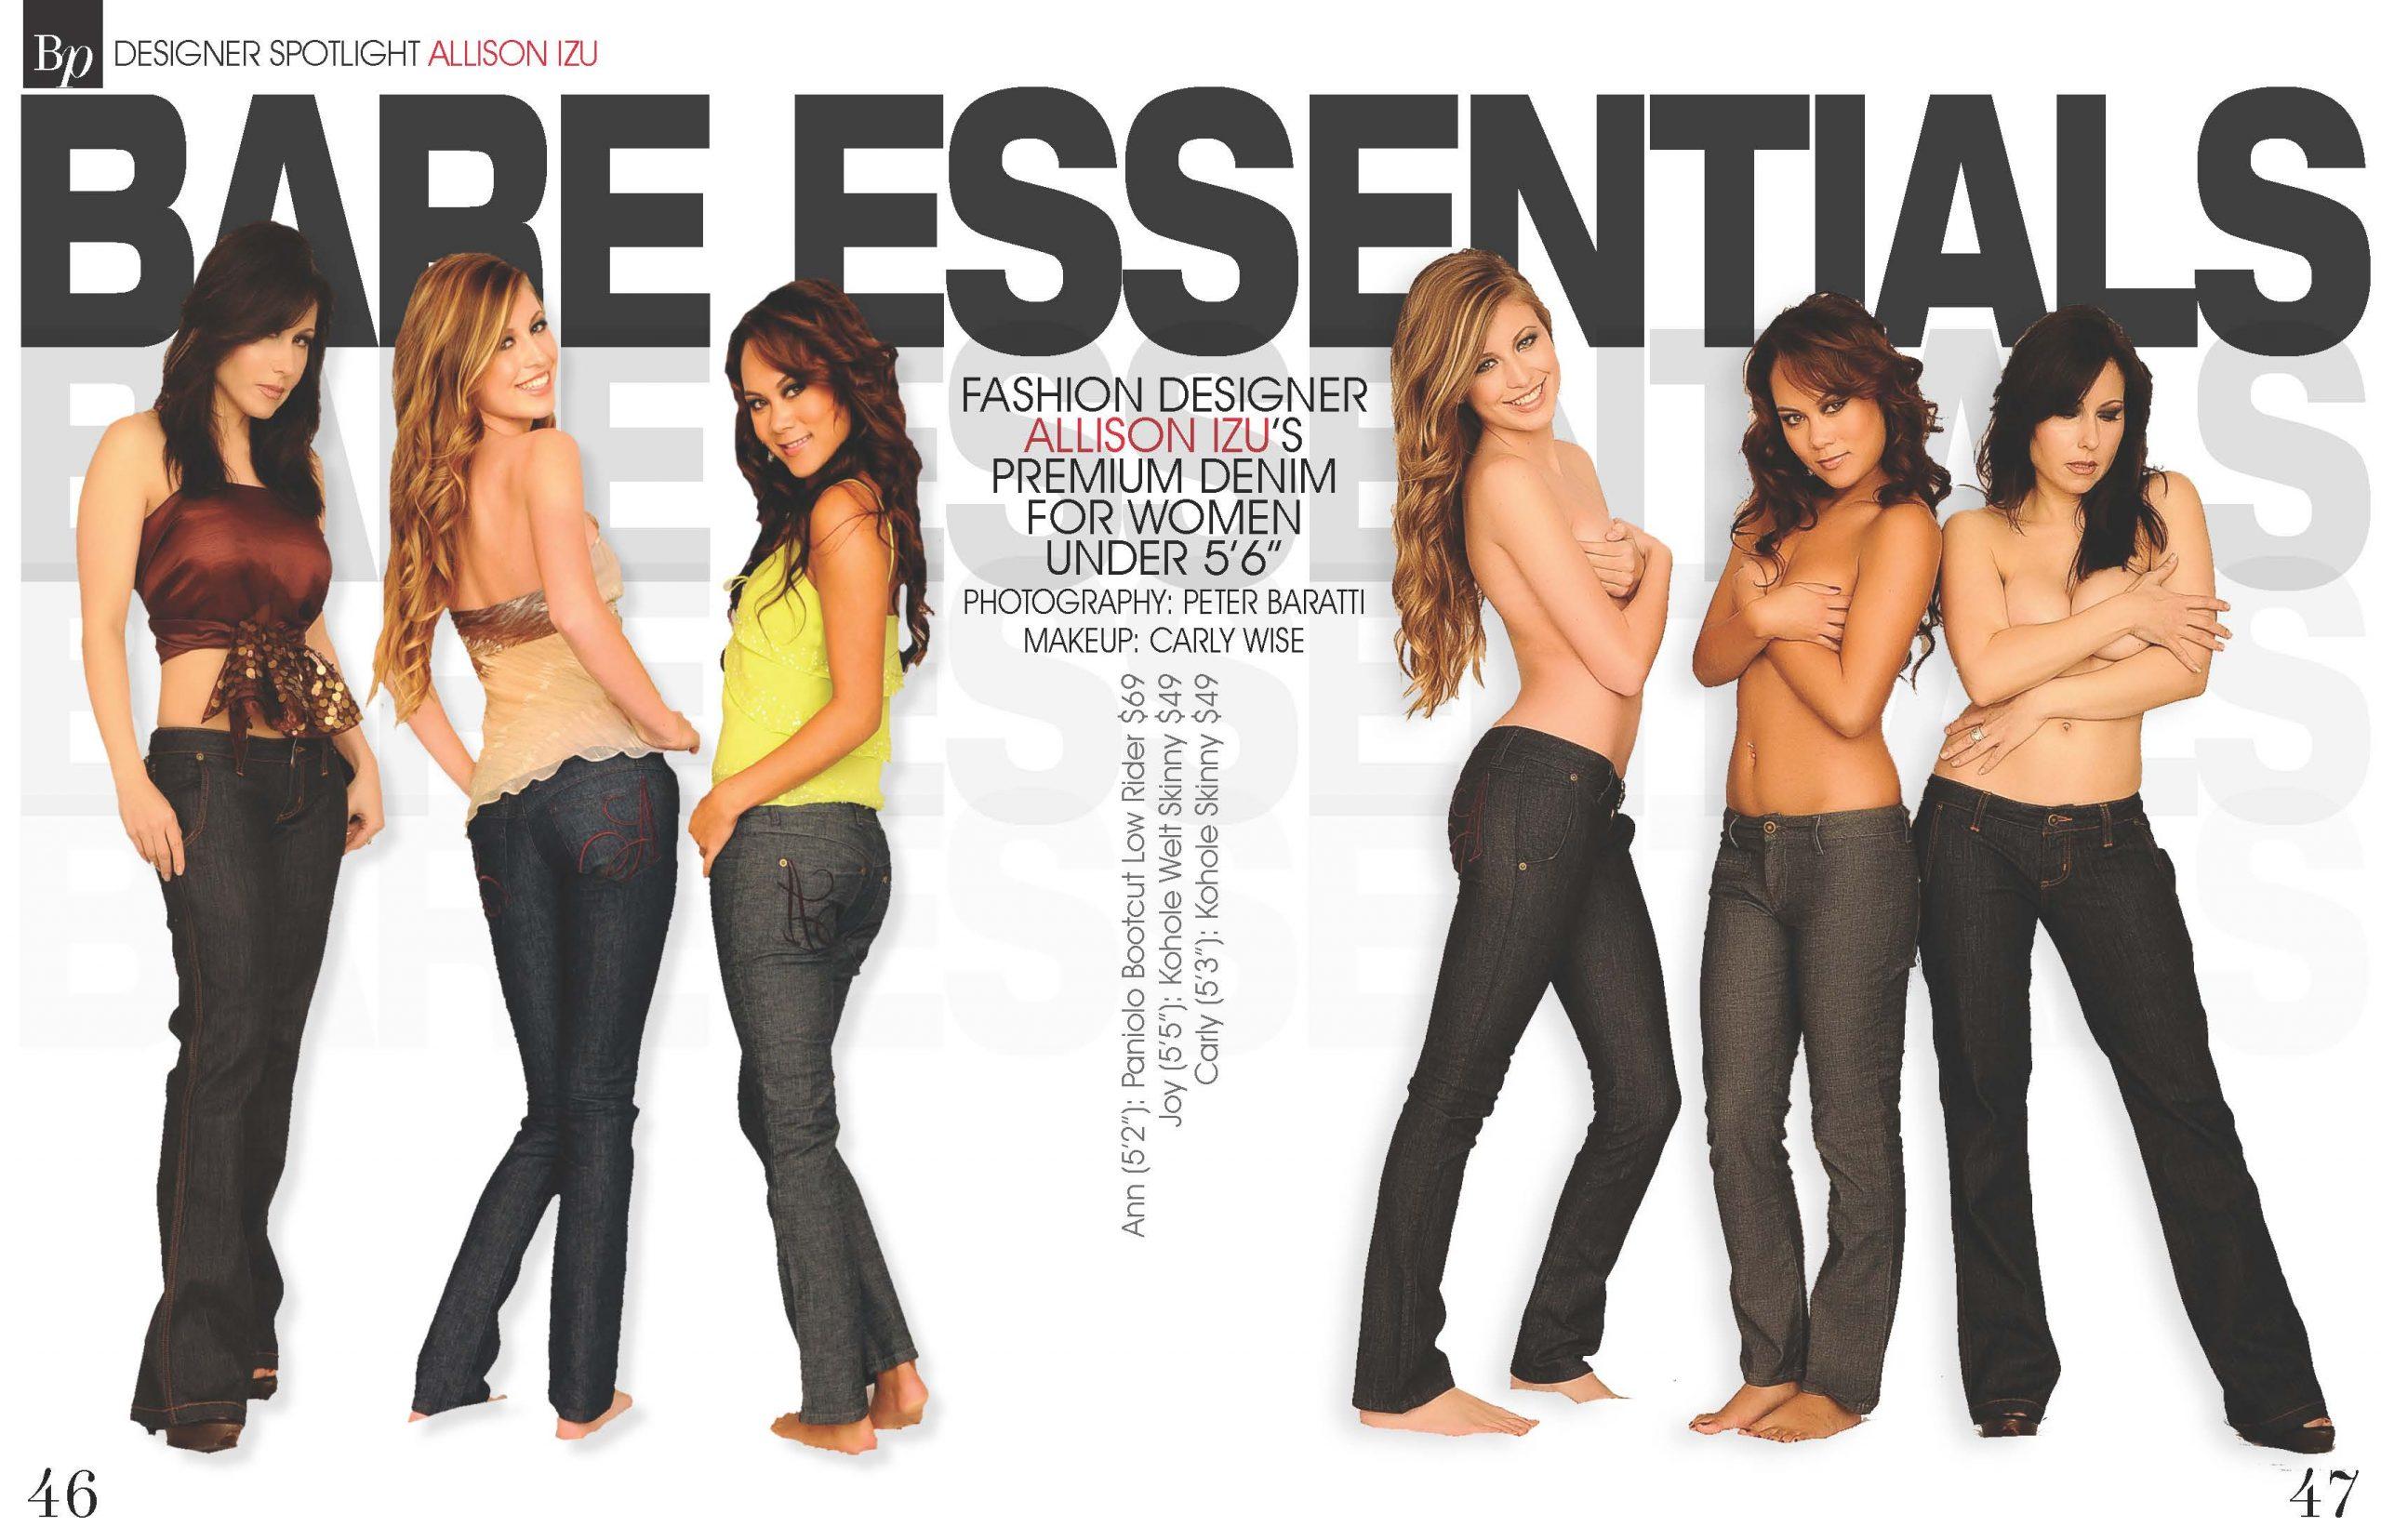 annlauren, jeans, editorial, model, actress, imdb, ann, lauren,